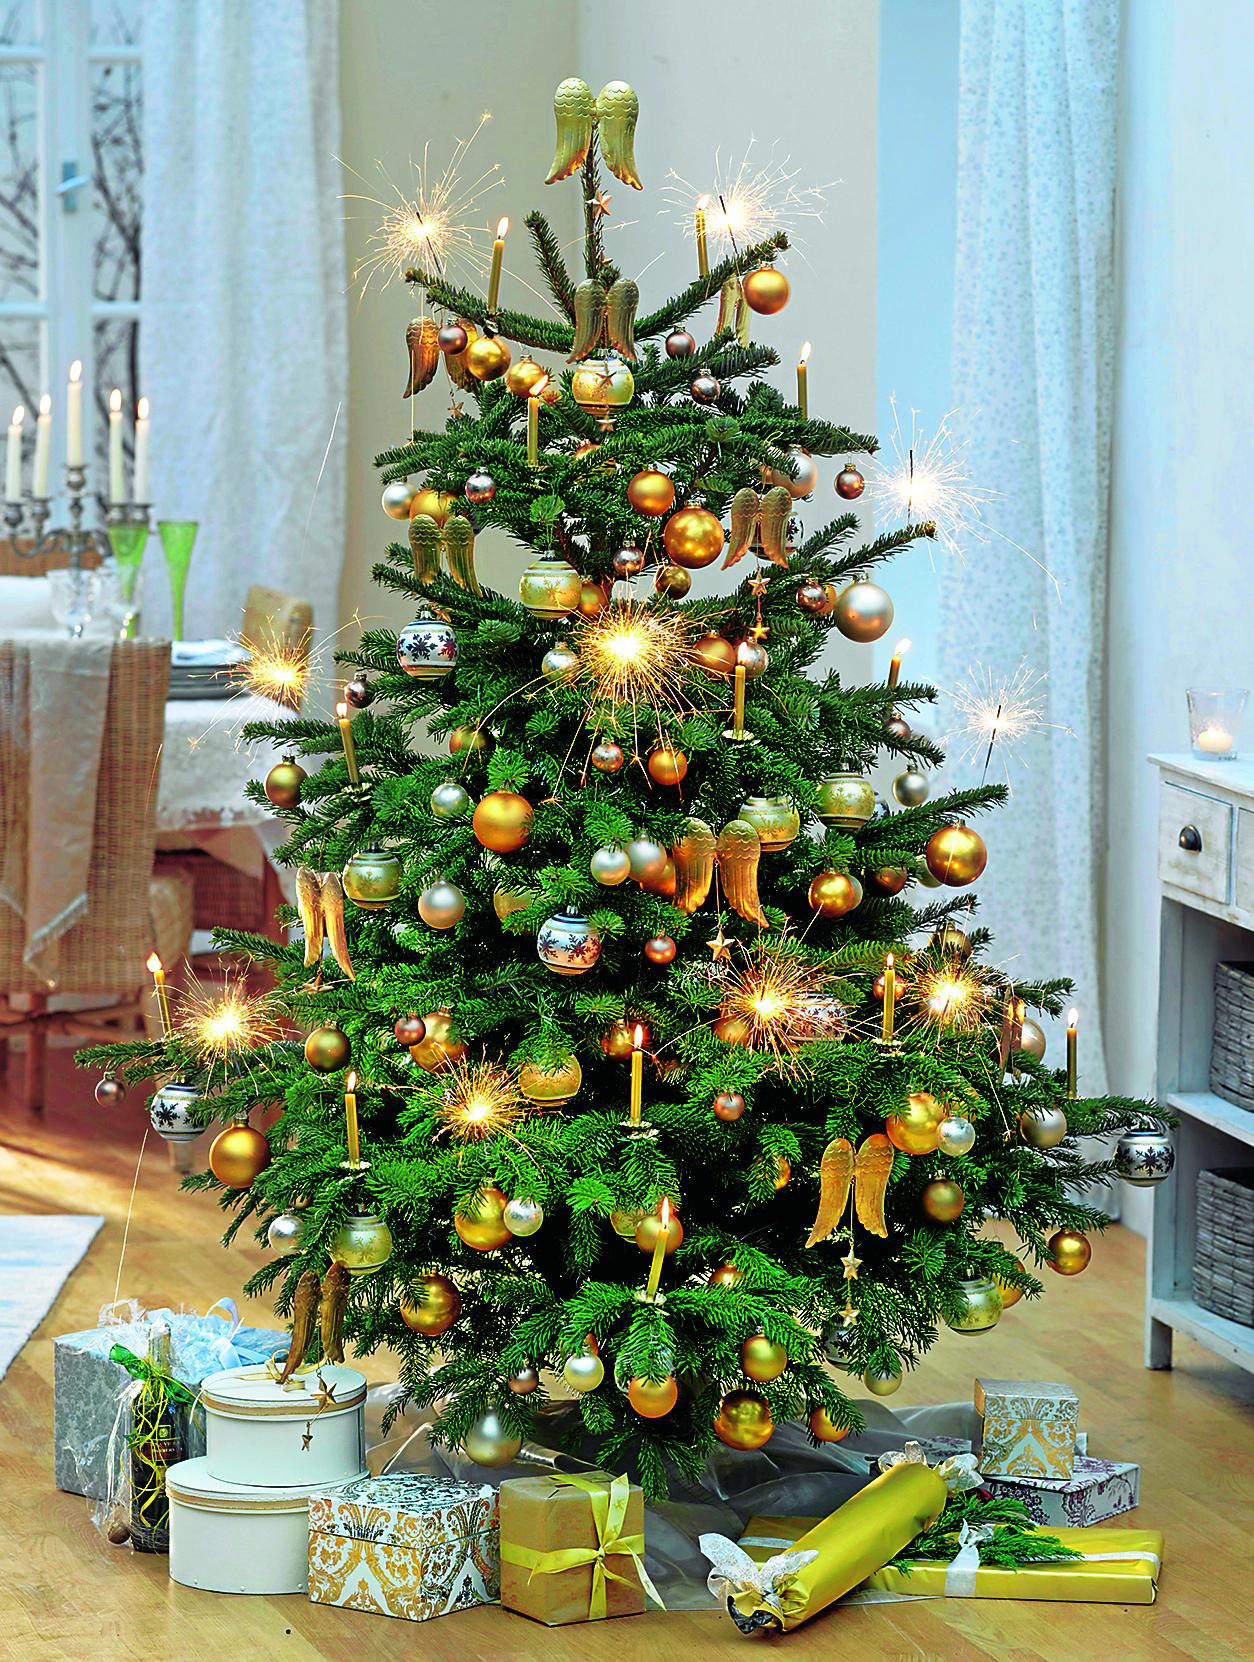 Decora el árbol de Navidad en tonos dorados. Árbol de Navidad en el ...